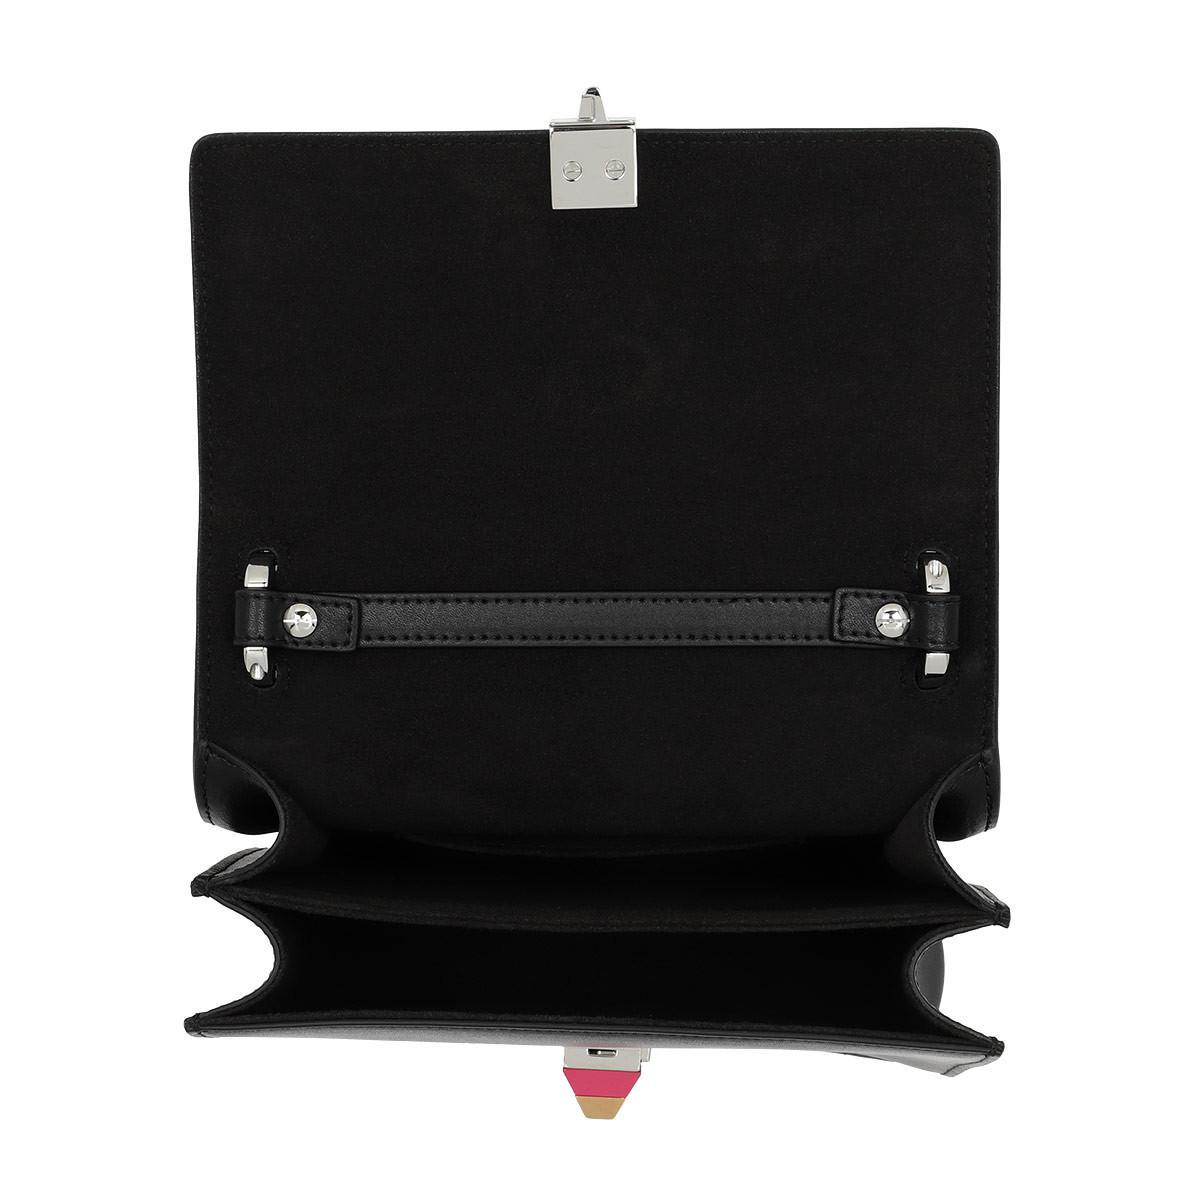 0b26fa058e10 Fendi Kan I Small Shoulder Bag Nero Multicolor in Black - Lyst